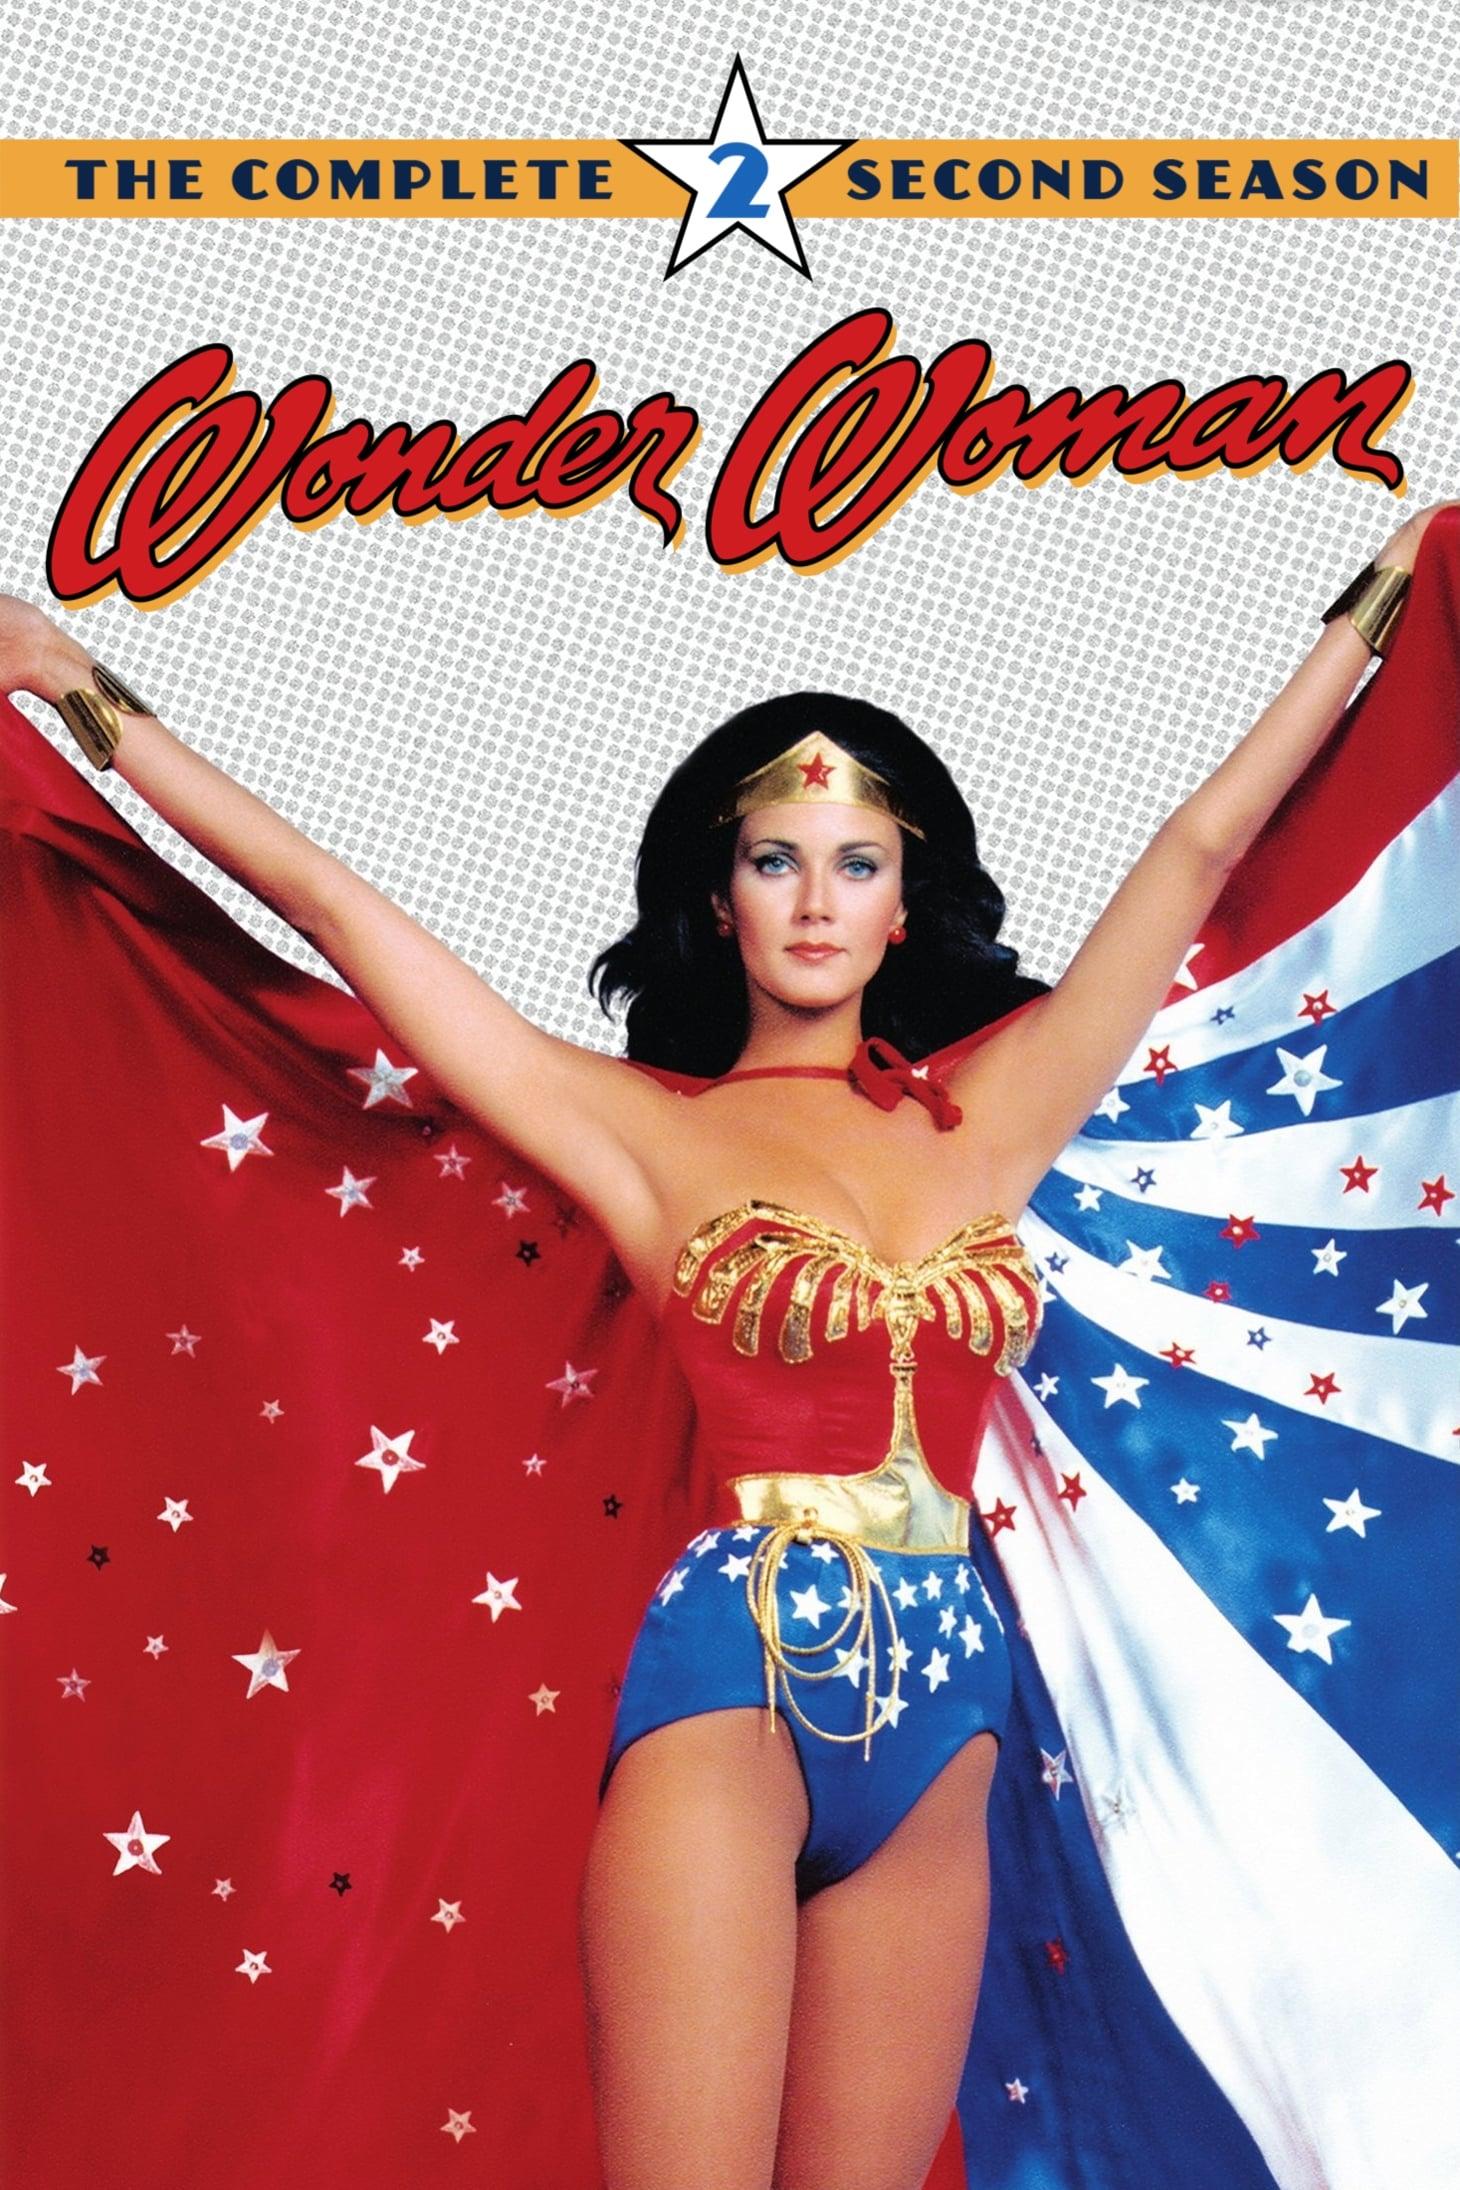 Wonder Woman Season 2